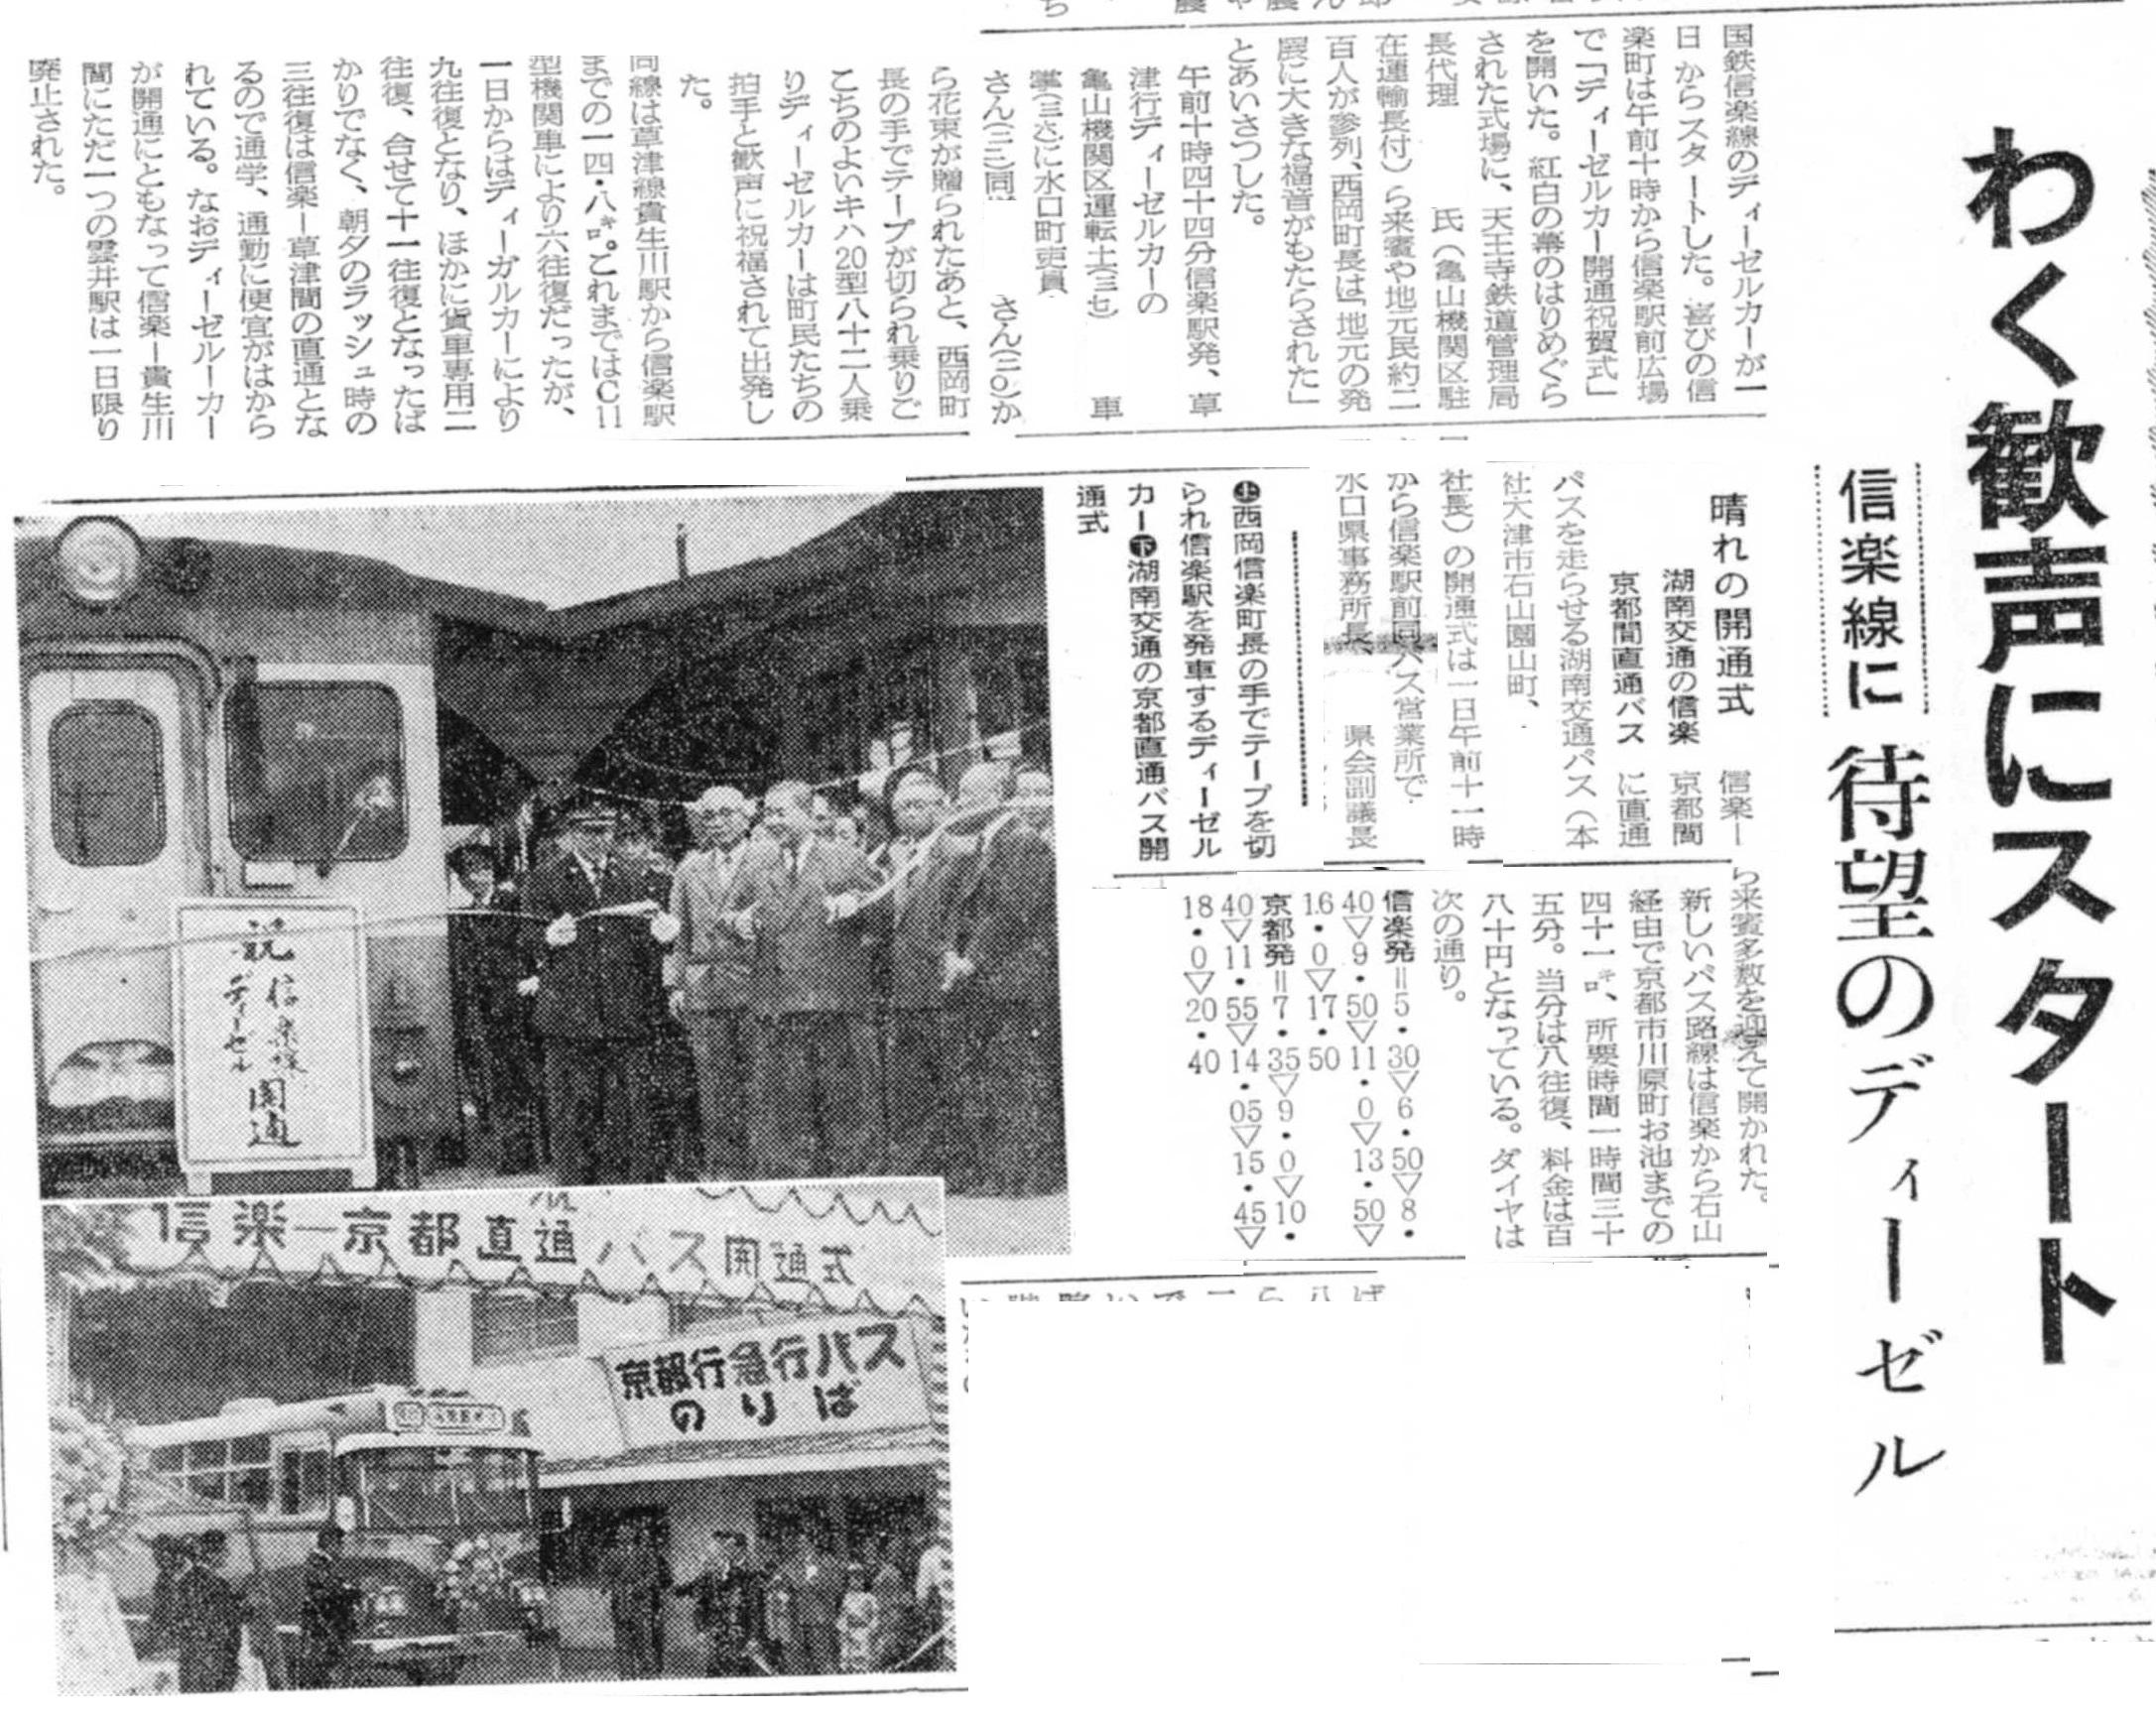 S37.5.2S 湖南交通信楽‐京都線開通b